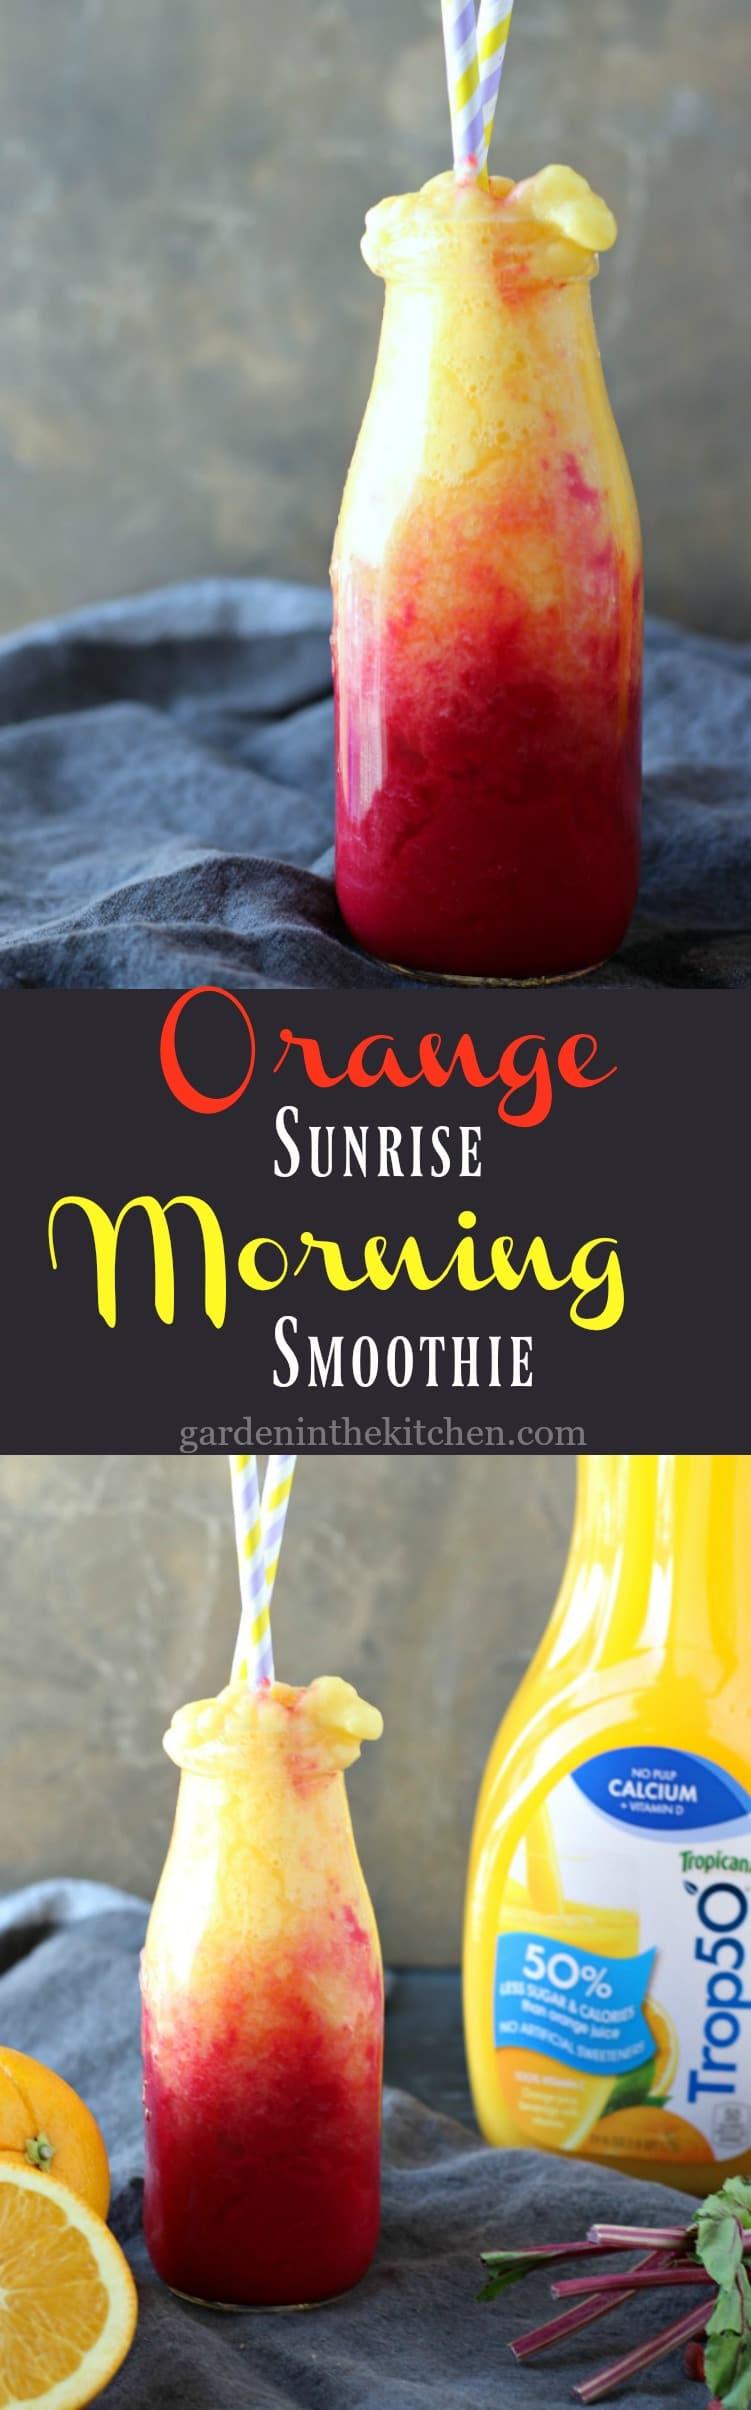 Orange Sunrise Morning Smoothie | gardeninthekitchen.com